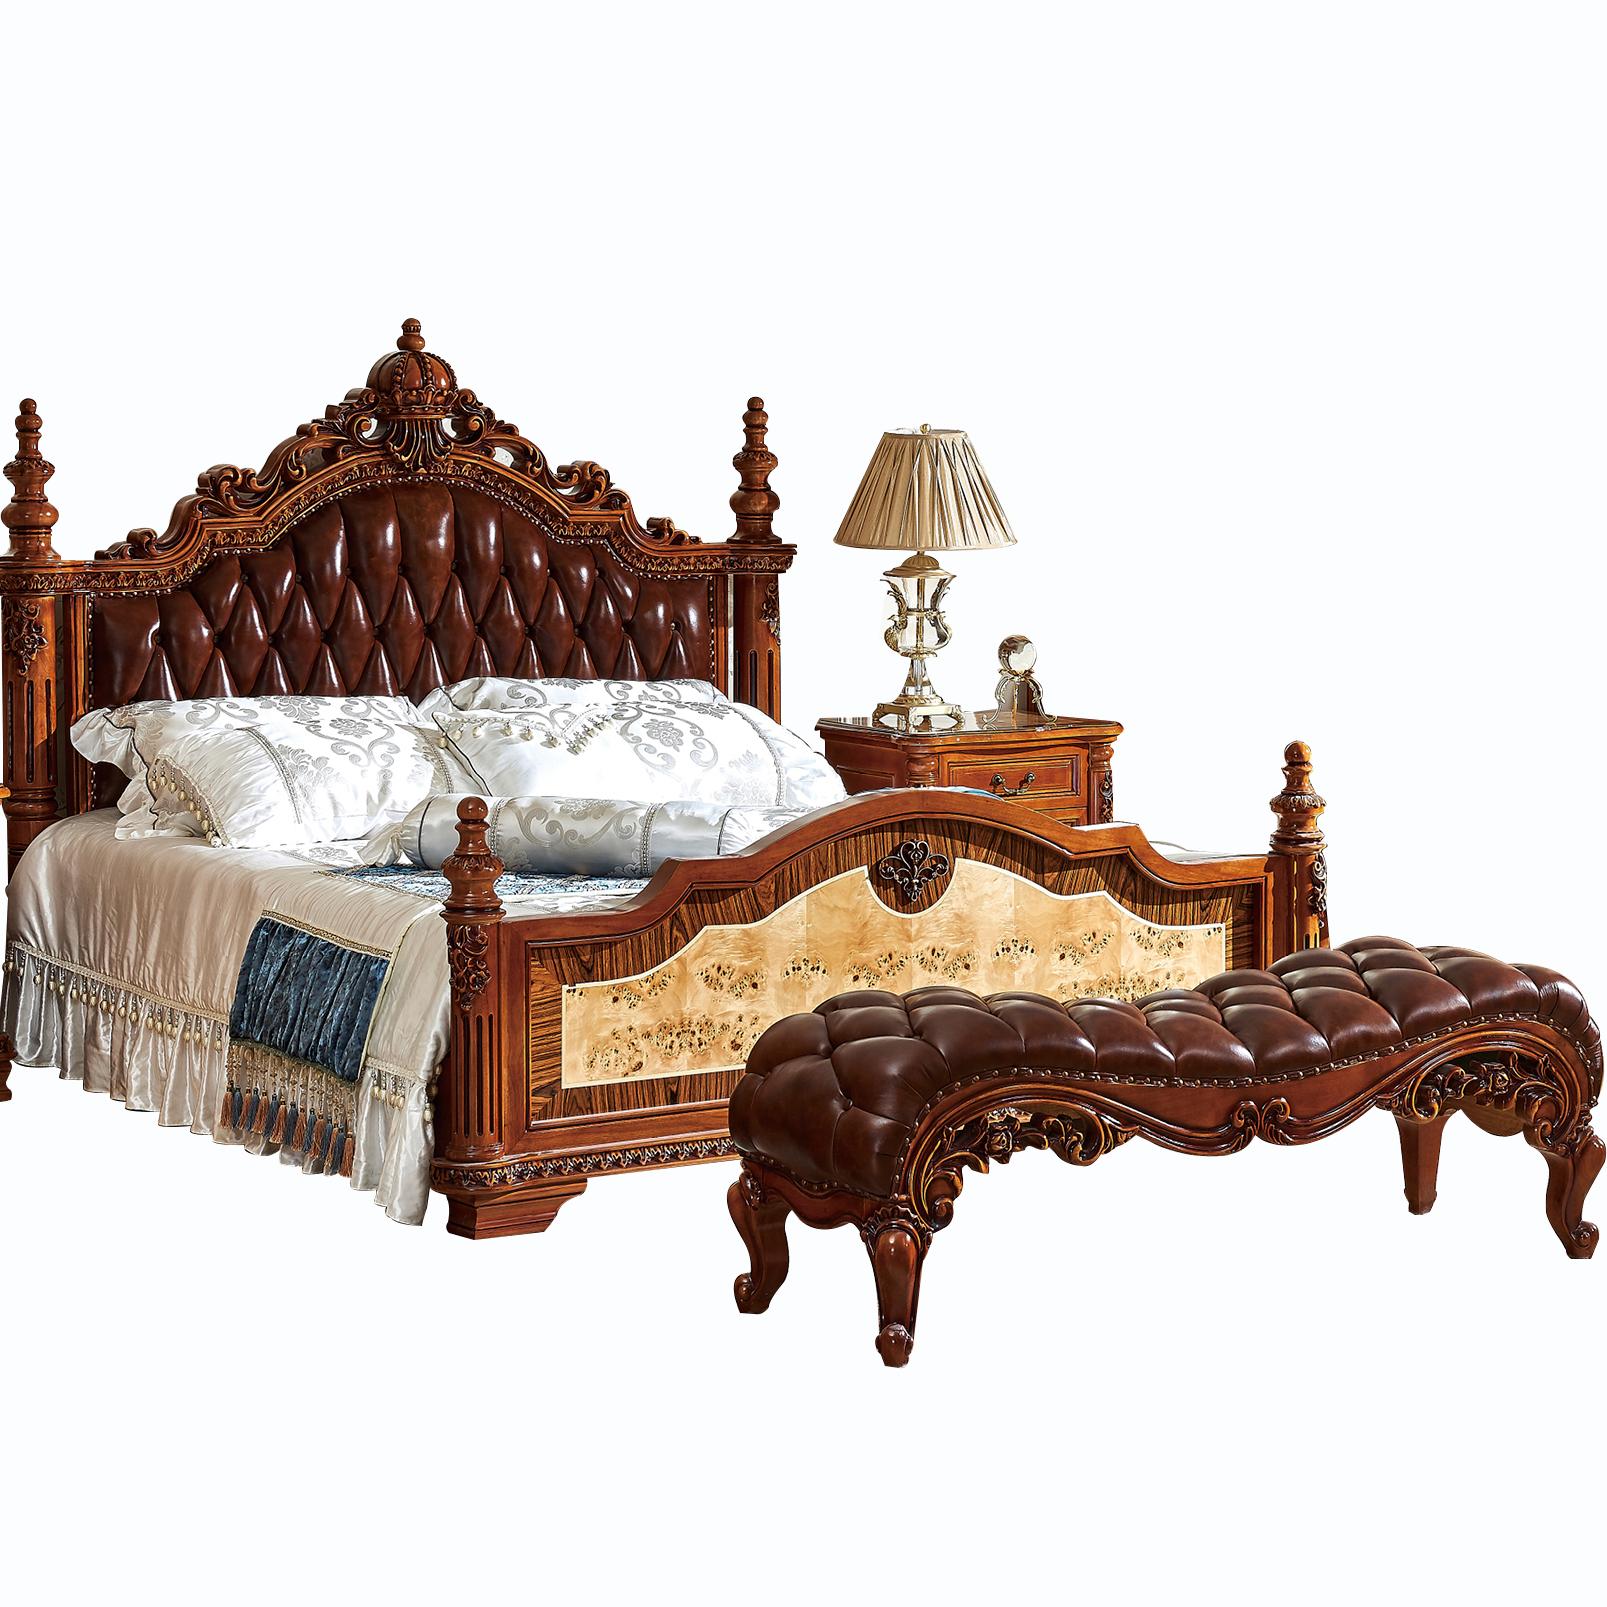 Hot Sale Popular Antique Bedroom Furniture Set 4 Pcs In 1 Set King Size Bedroom Sets Buy Popular Antique Bedroom Furniture Set 4 Pcs In 1 Set King Size Bedroom Sets Hot